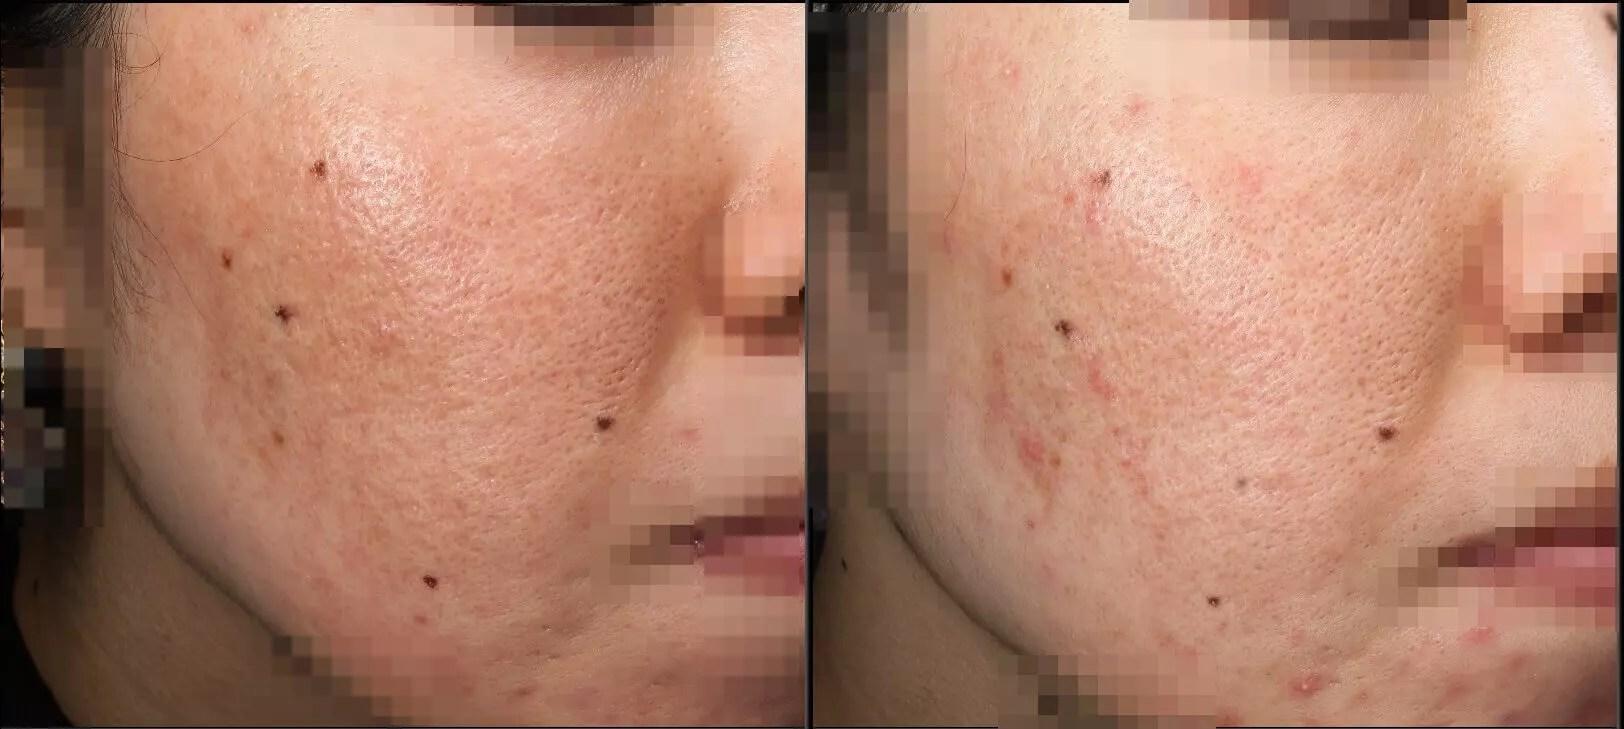 ニキビ跡治療の症例写真